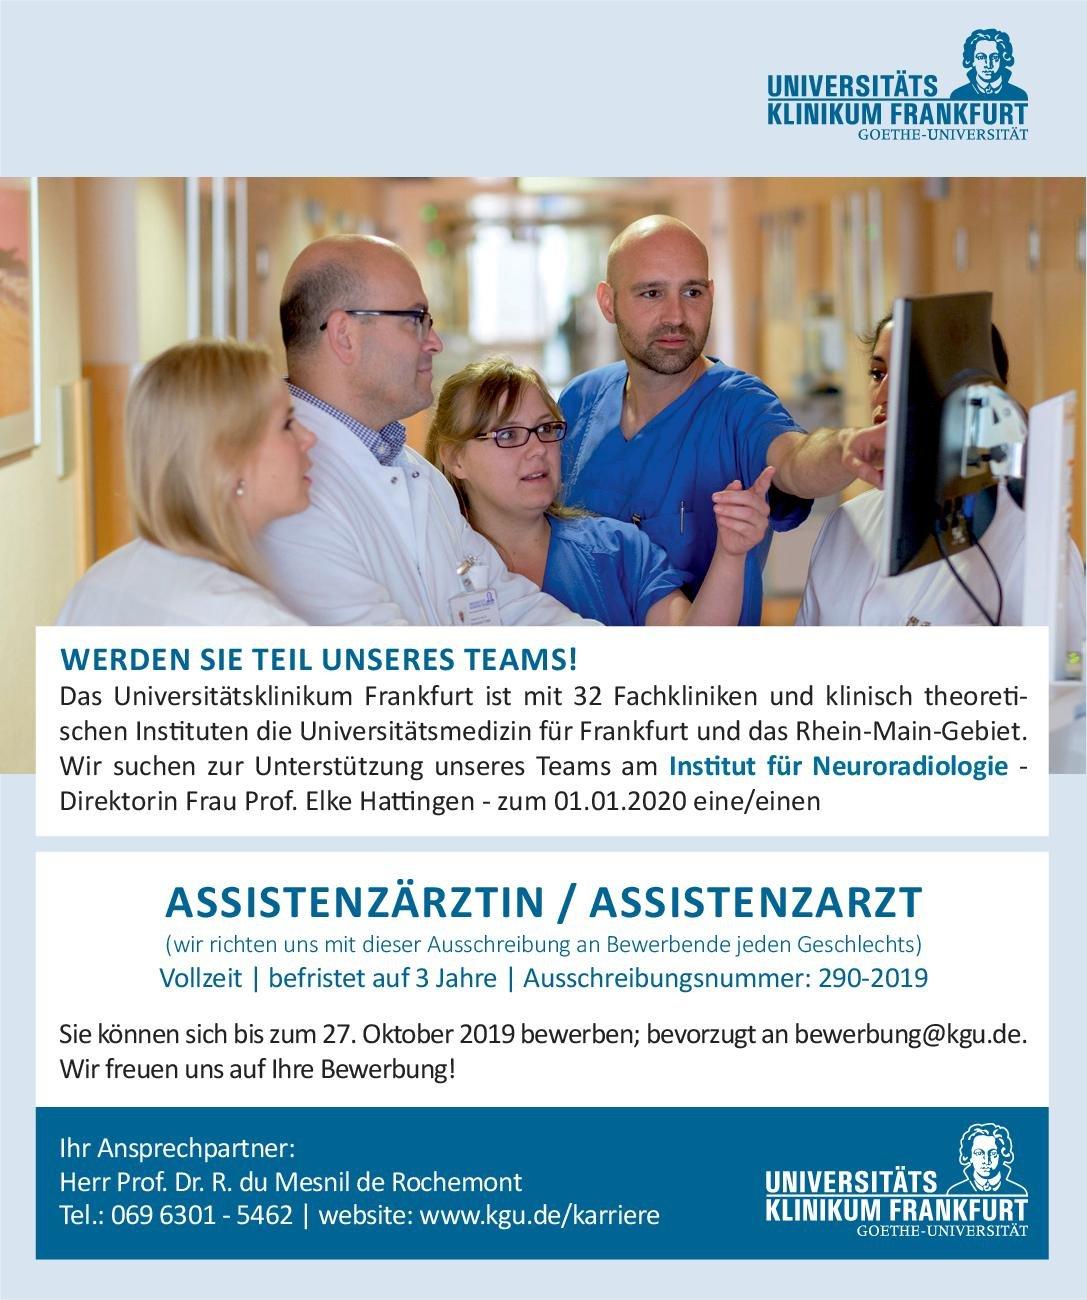 Universitätsklinikum Frankfurt Assistenzärztin/Assistenzarzt Neuroradiologie  Neuroradiologie, Radiologie Assistenzarzt / Arzt in Weiterbildung